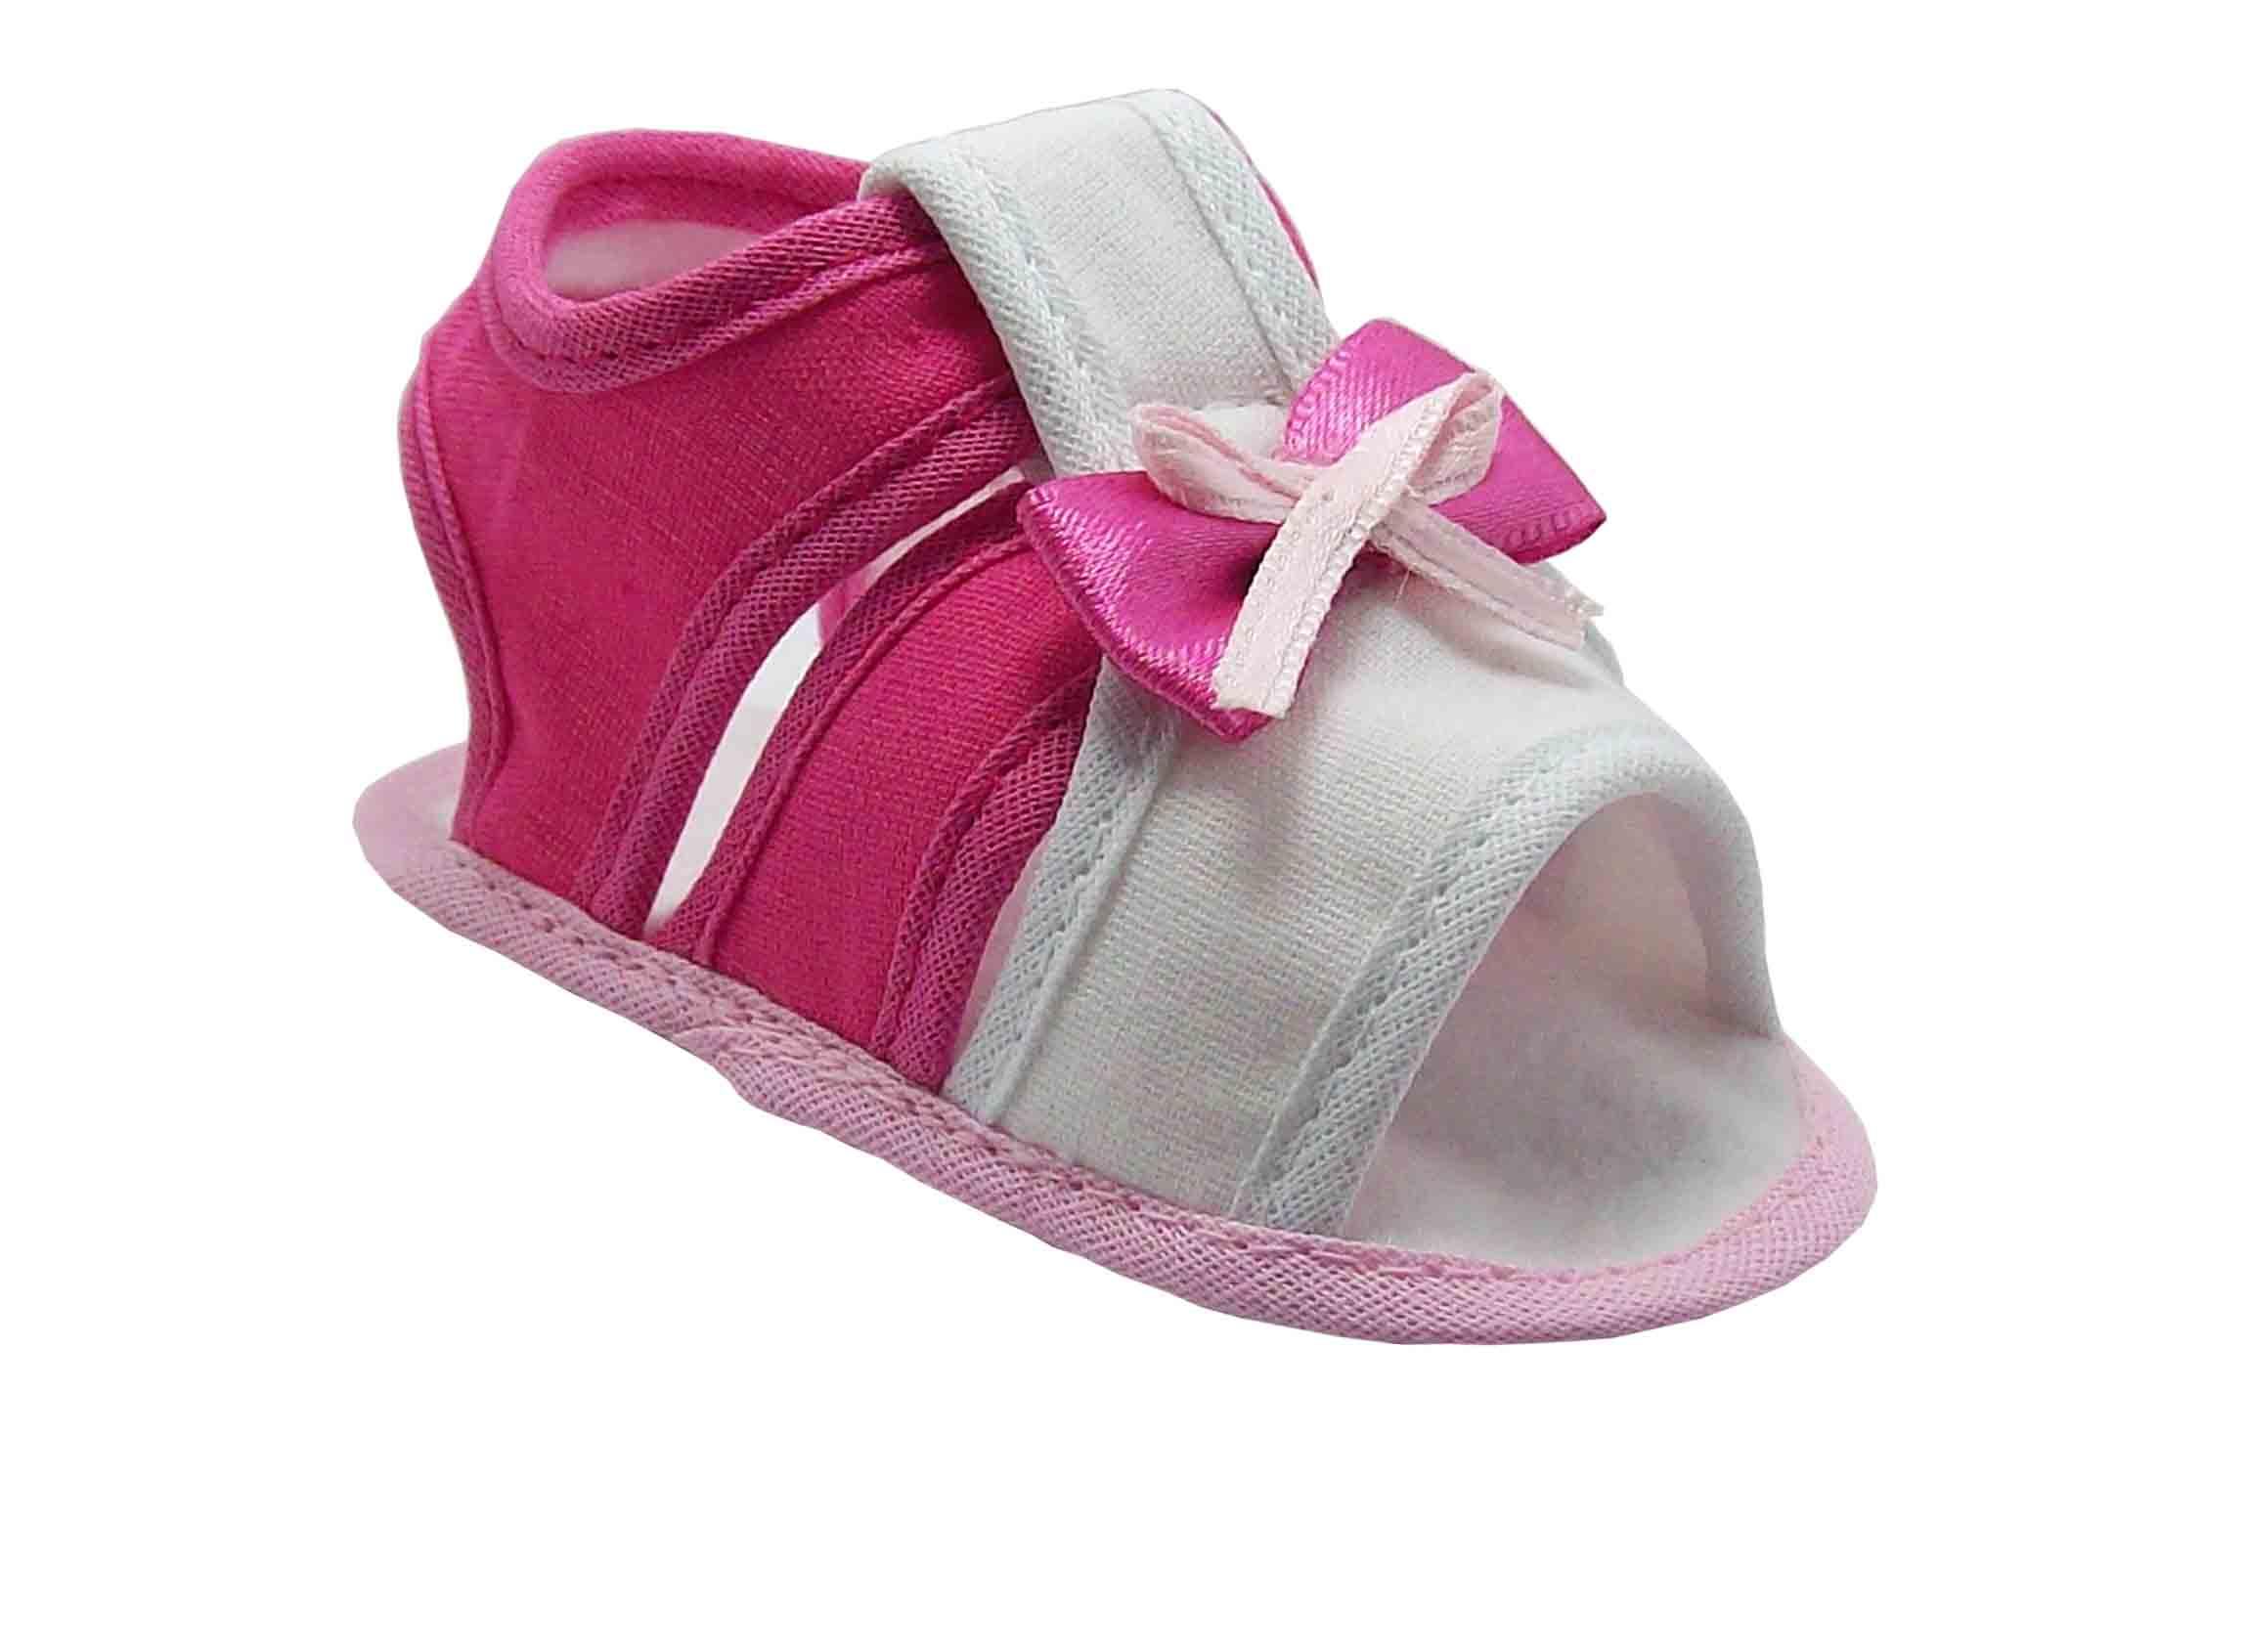 482cef5fa Sapatinho de Bebê Sandália Bebê Branca e Pink Linda no Elo7 ...